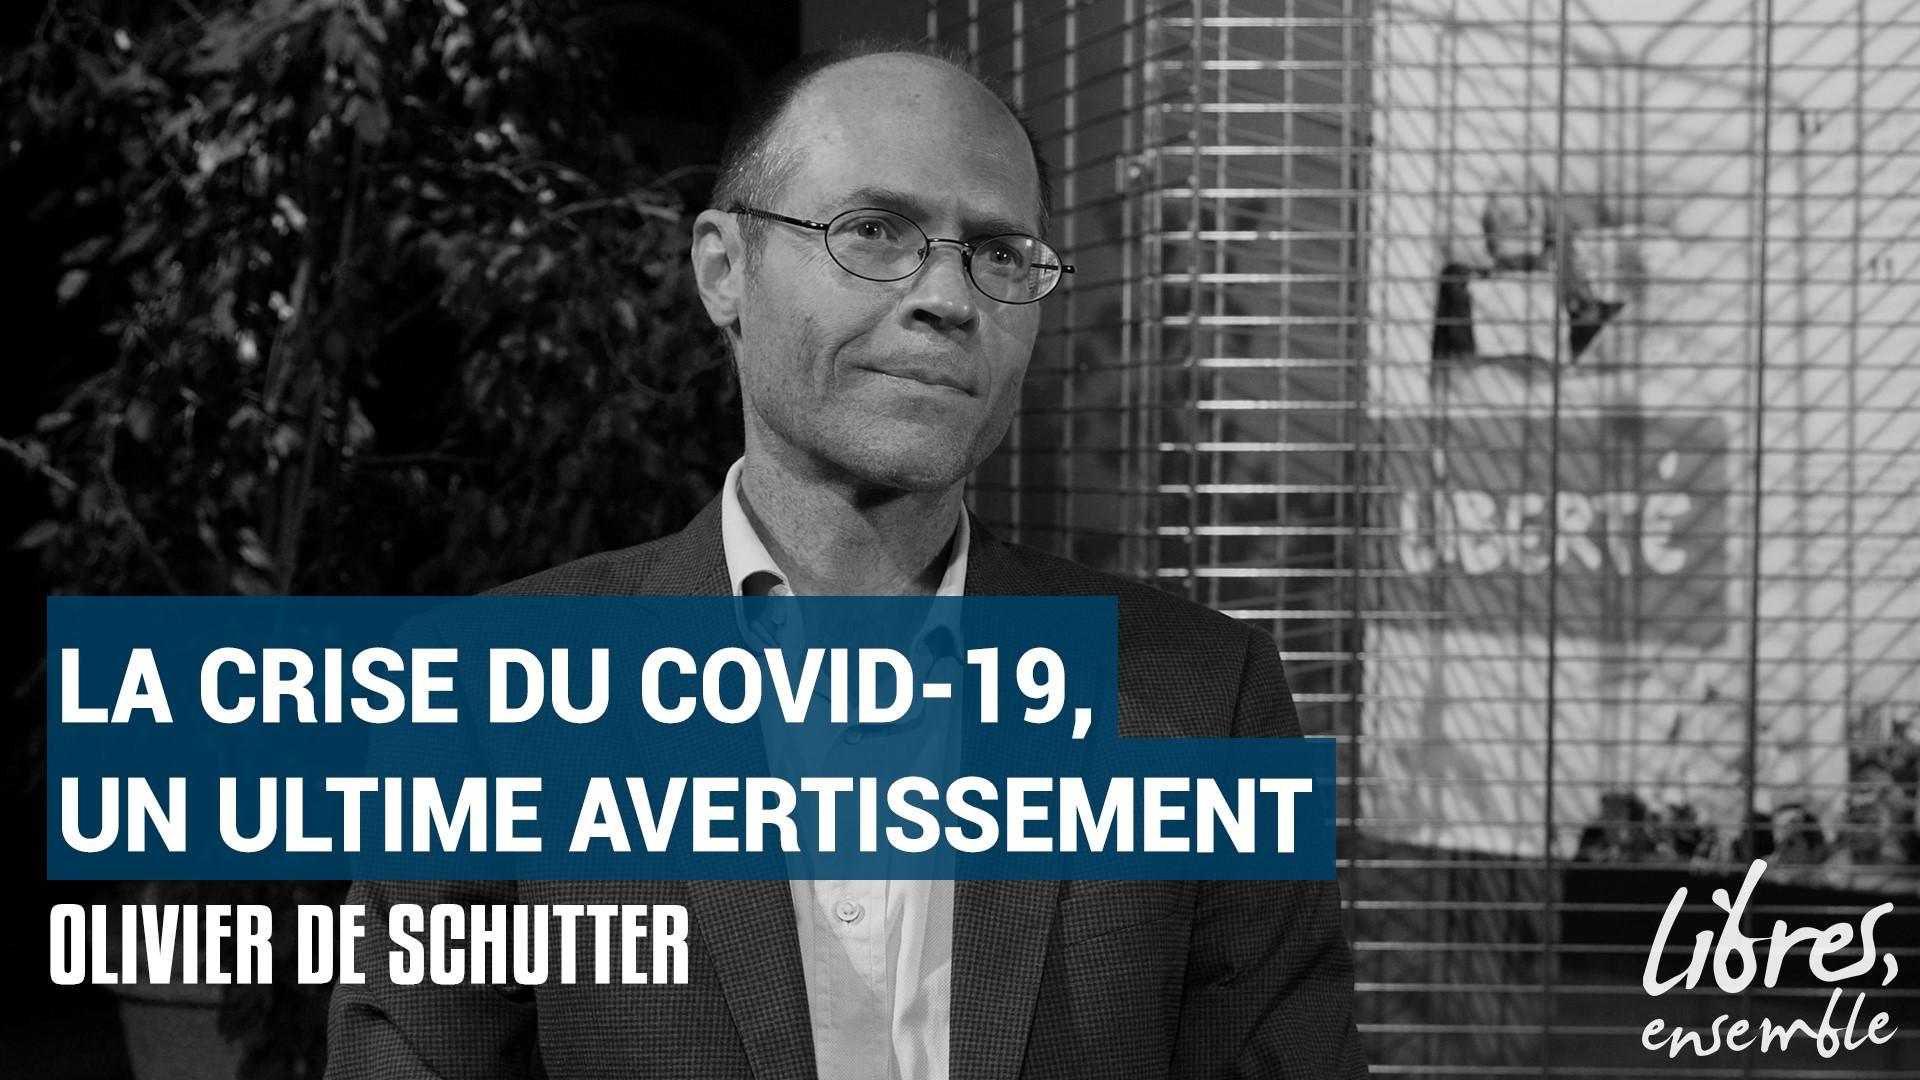 La crise du Covid-19, un ultime avertissement – Entretien avec Olivier De Schutter